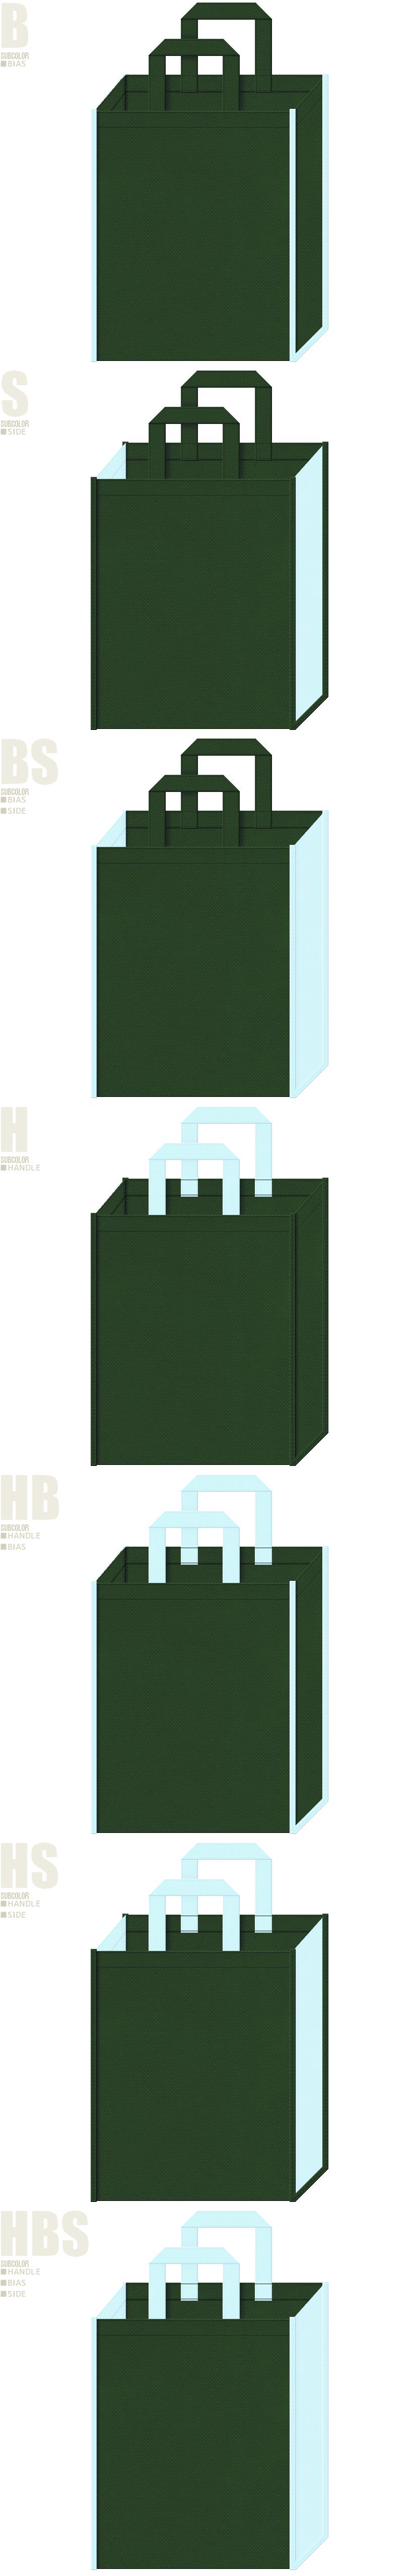 歯科・薬局・医薬品の展示会用バッグにお奨めの不織布バッグデザイン:濃緑色と水色の不織布バッグ配色7パターン。